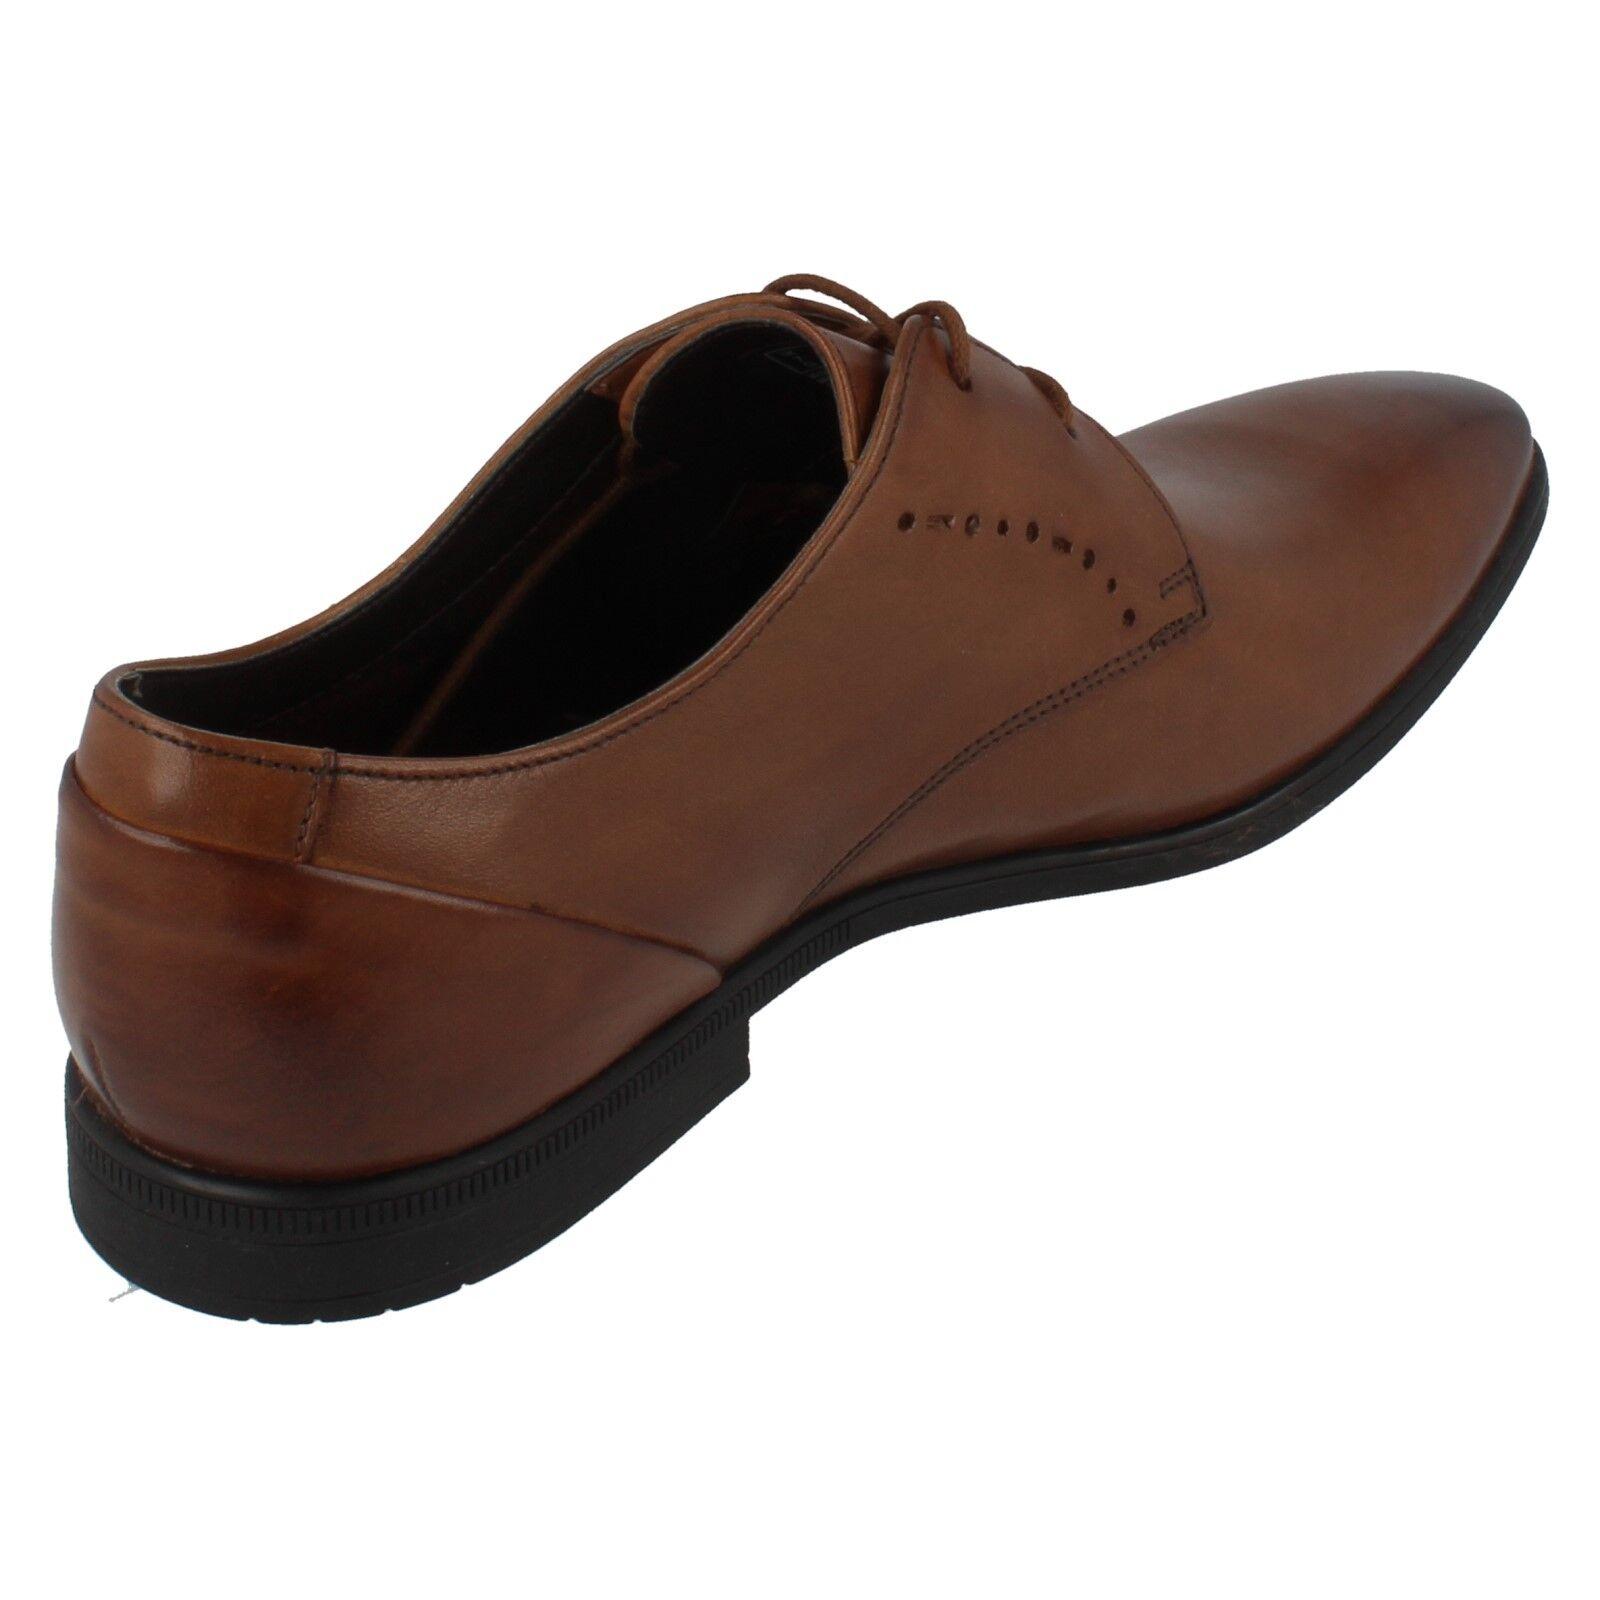 Herren Clarks Leder Spitze Oben Spitze Schuhe Bampton Spitze